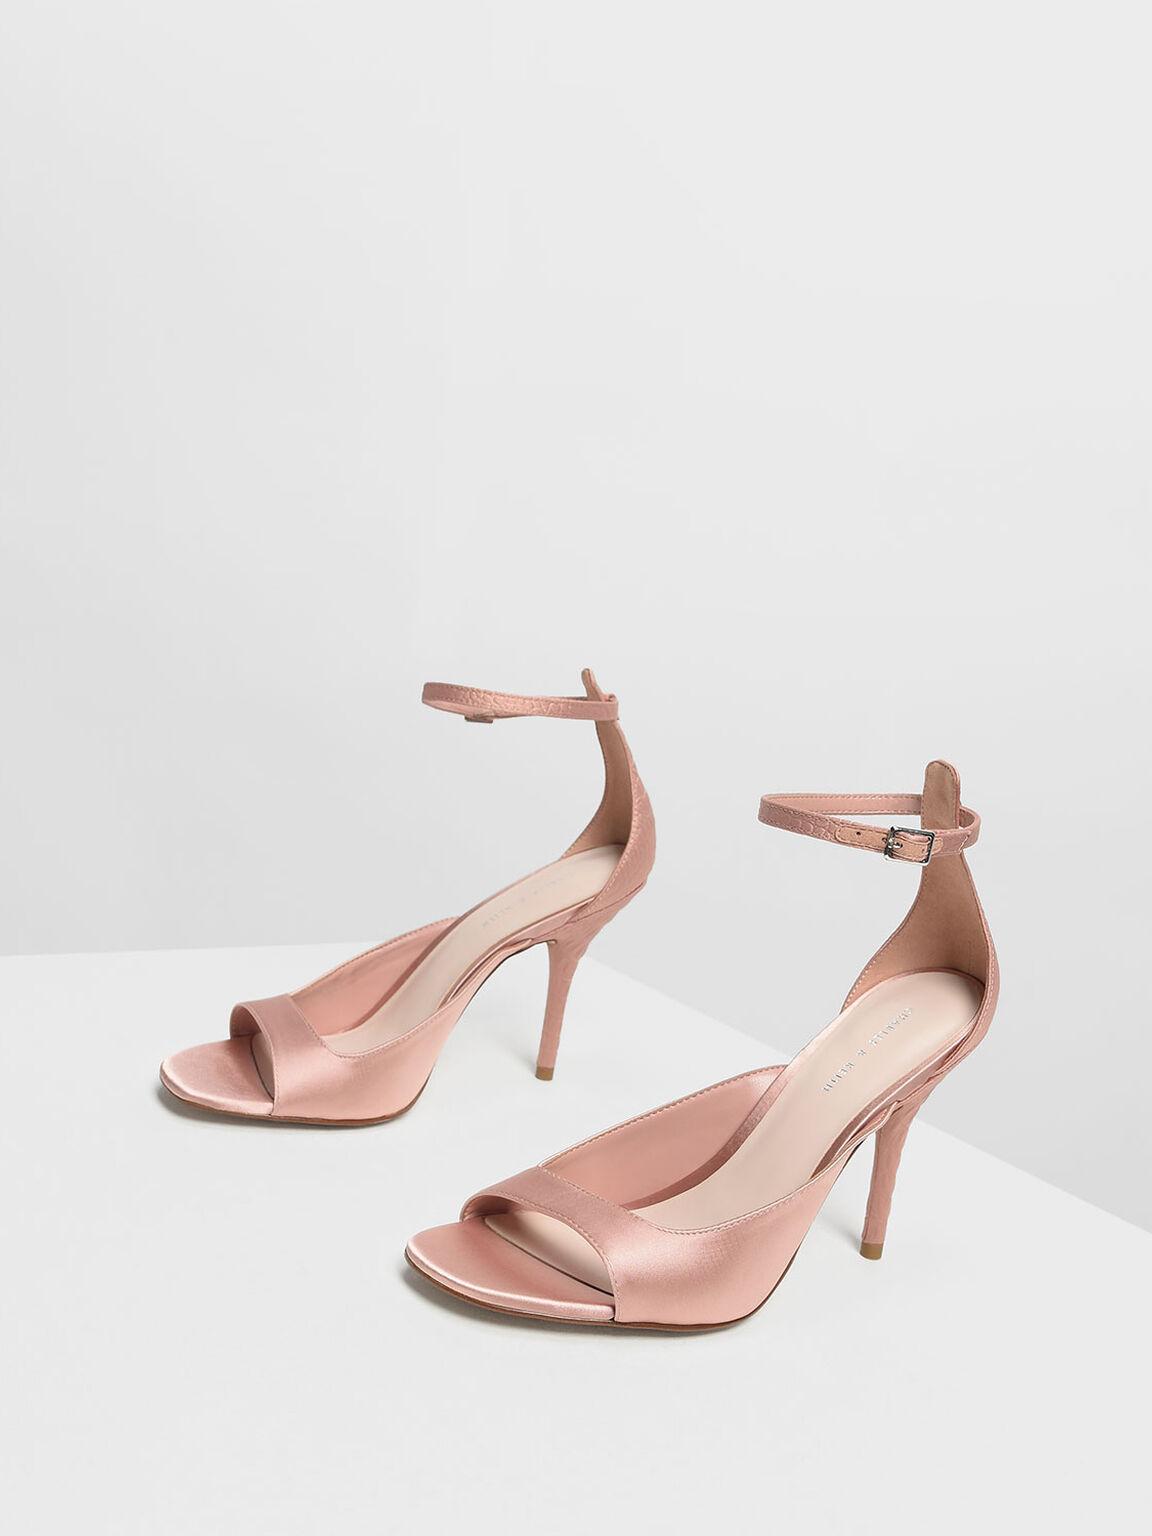 緞面繞踝高跟鞋, 膚色, hi-res